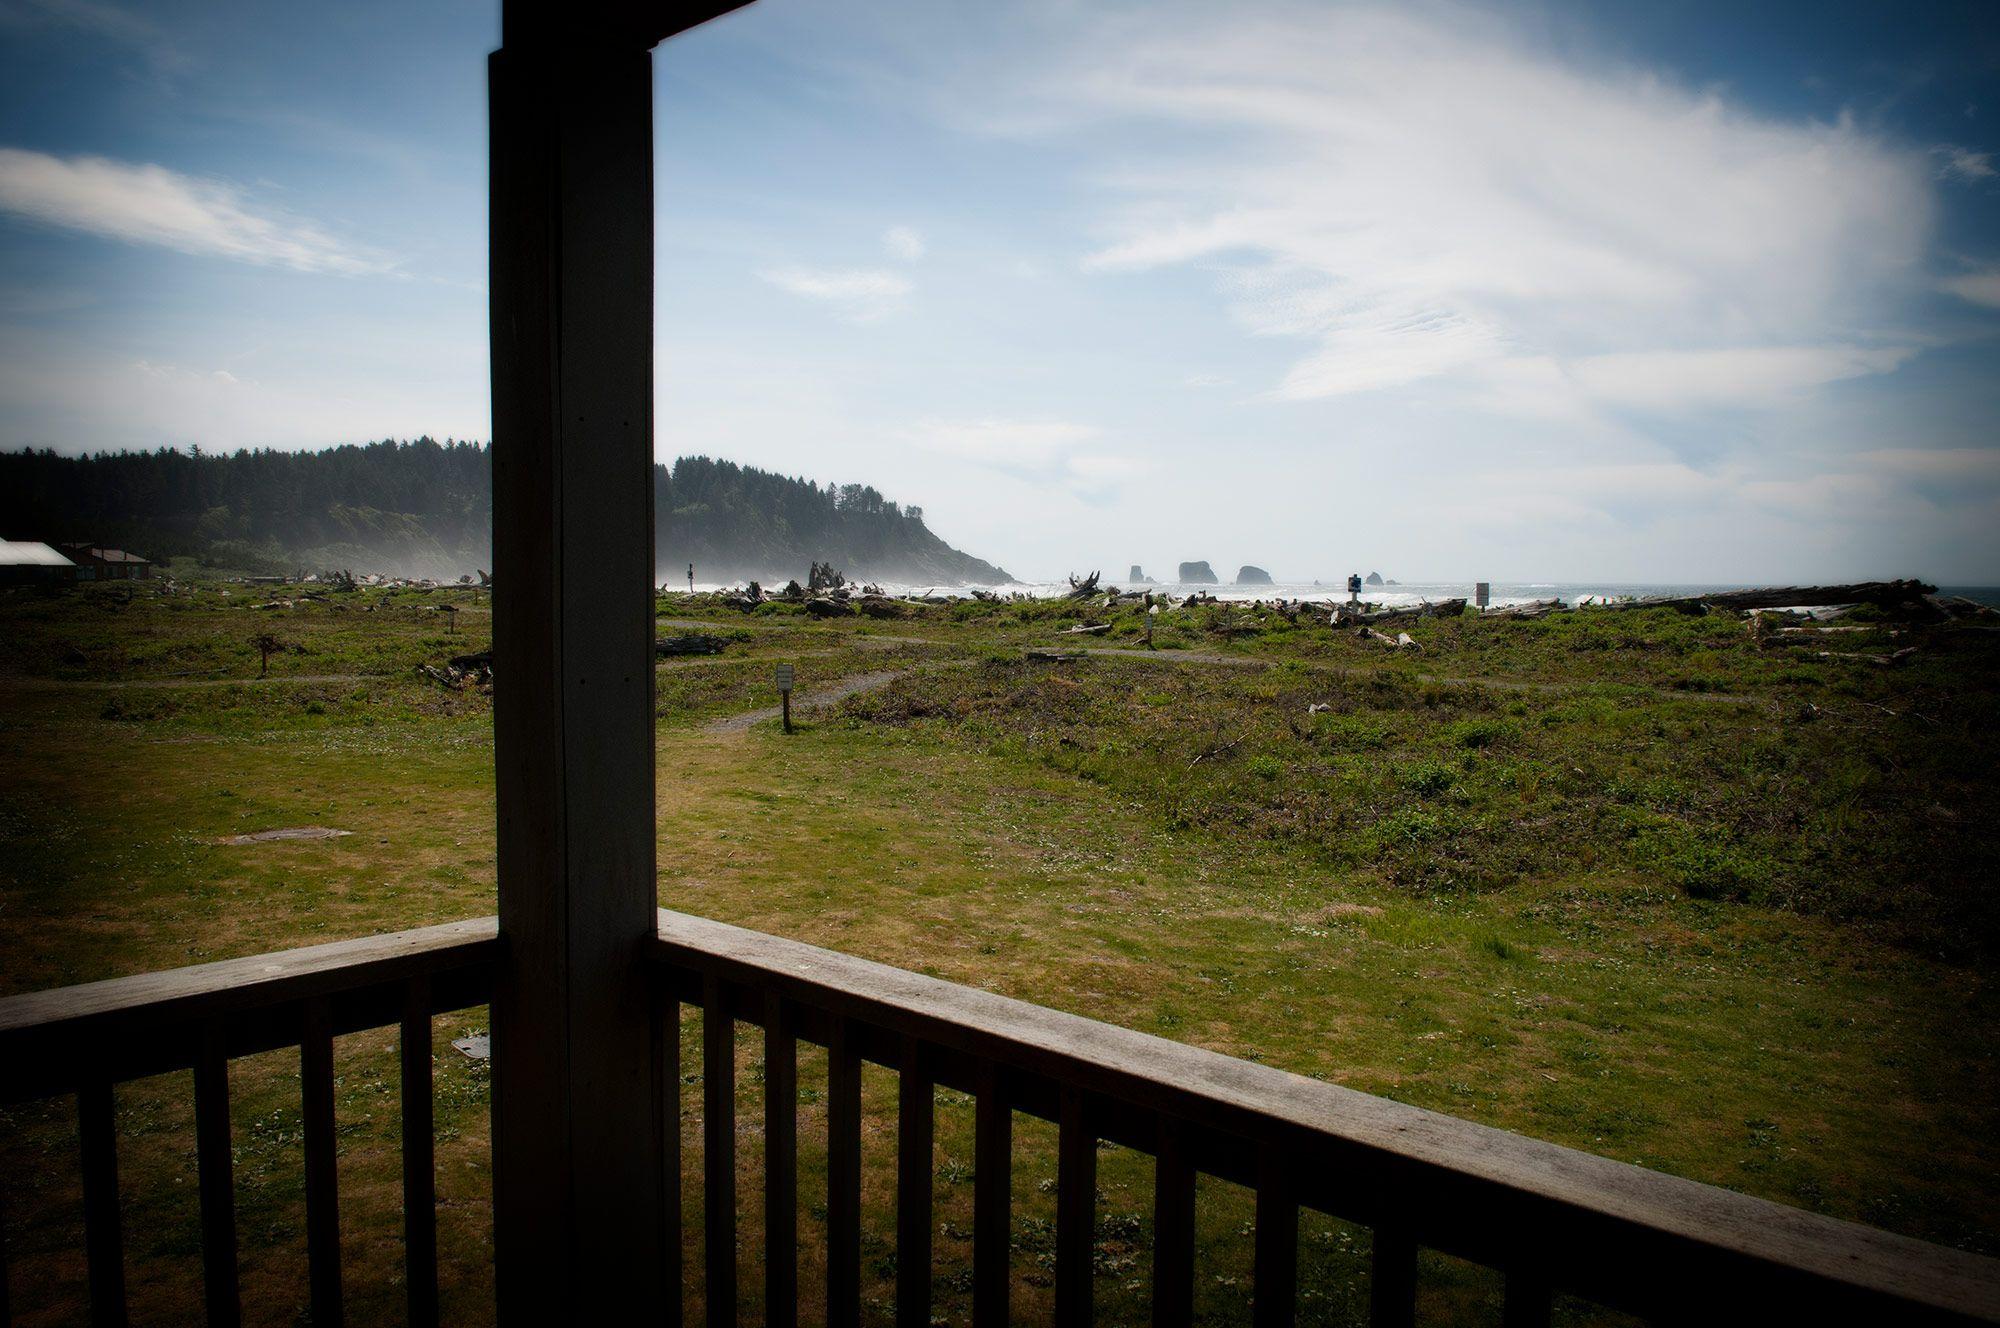 Quileute Oceanside Resort La Push Wa Cabins 29 40 Are Pet Friendly Oceanside Resort Pet Friendly Accommodation Resort